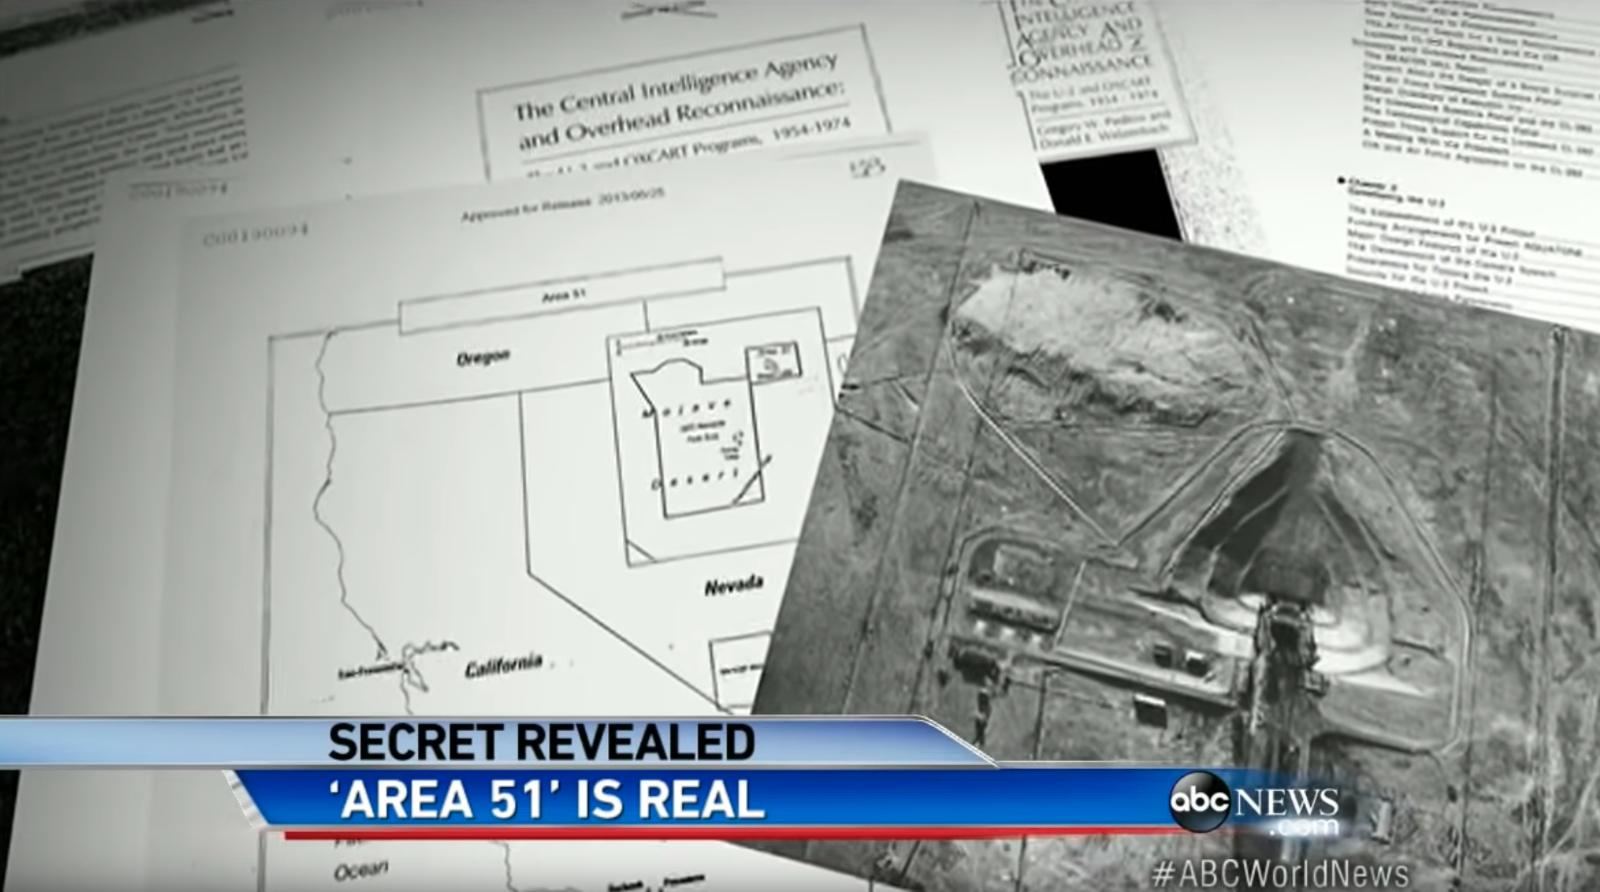 19 фактов о «Зоне 51», которые заставят вас сказать: здесь определенно происходит что-то странное